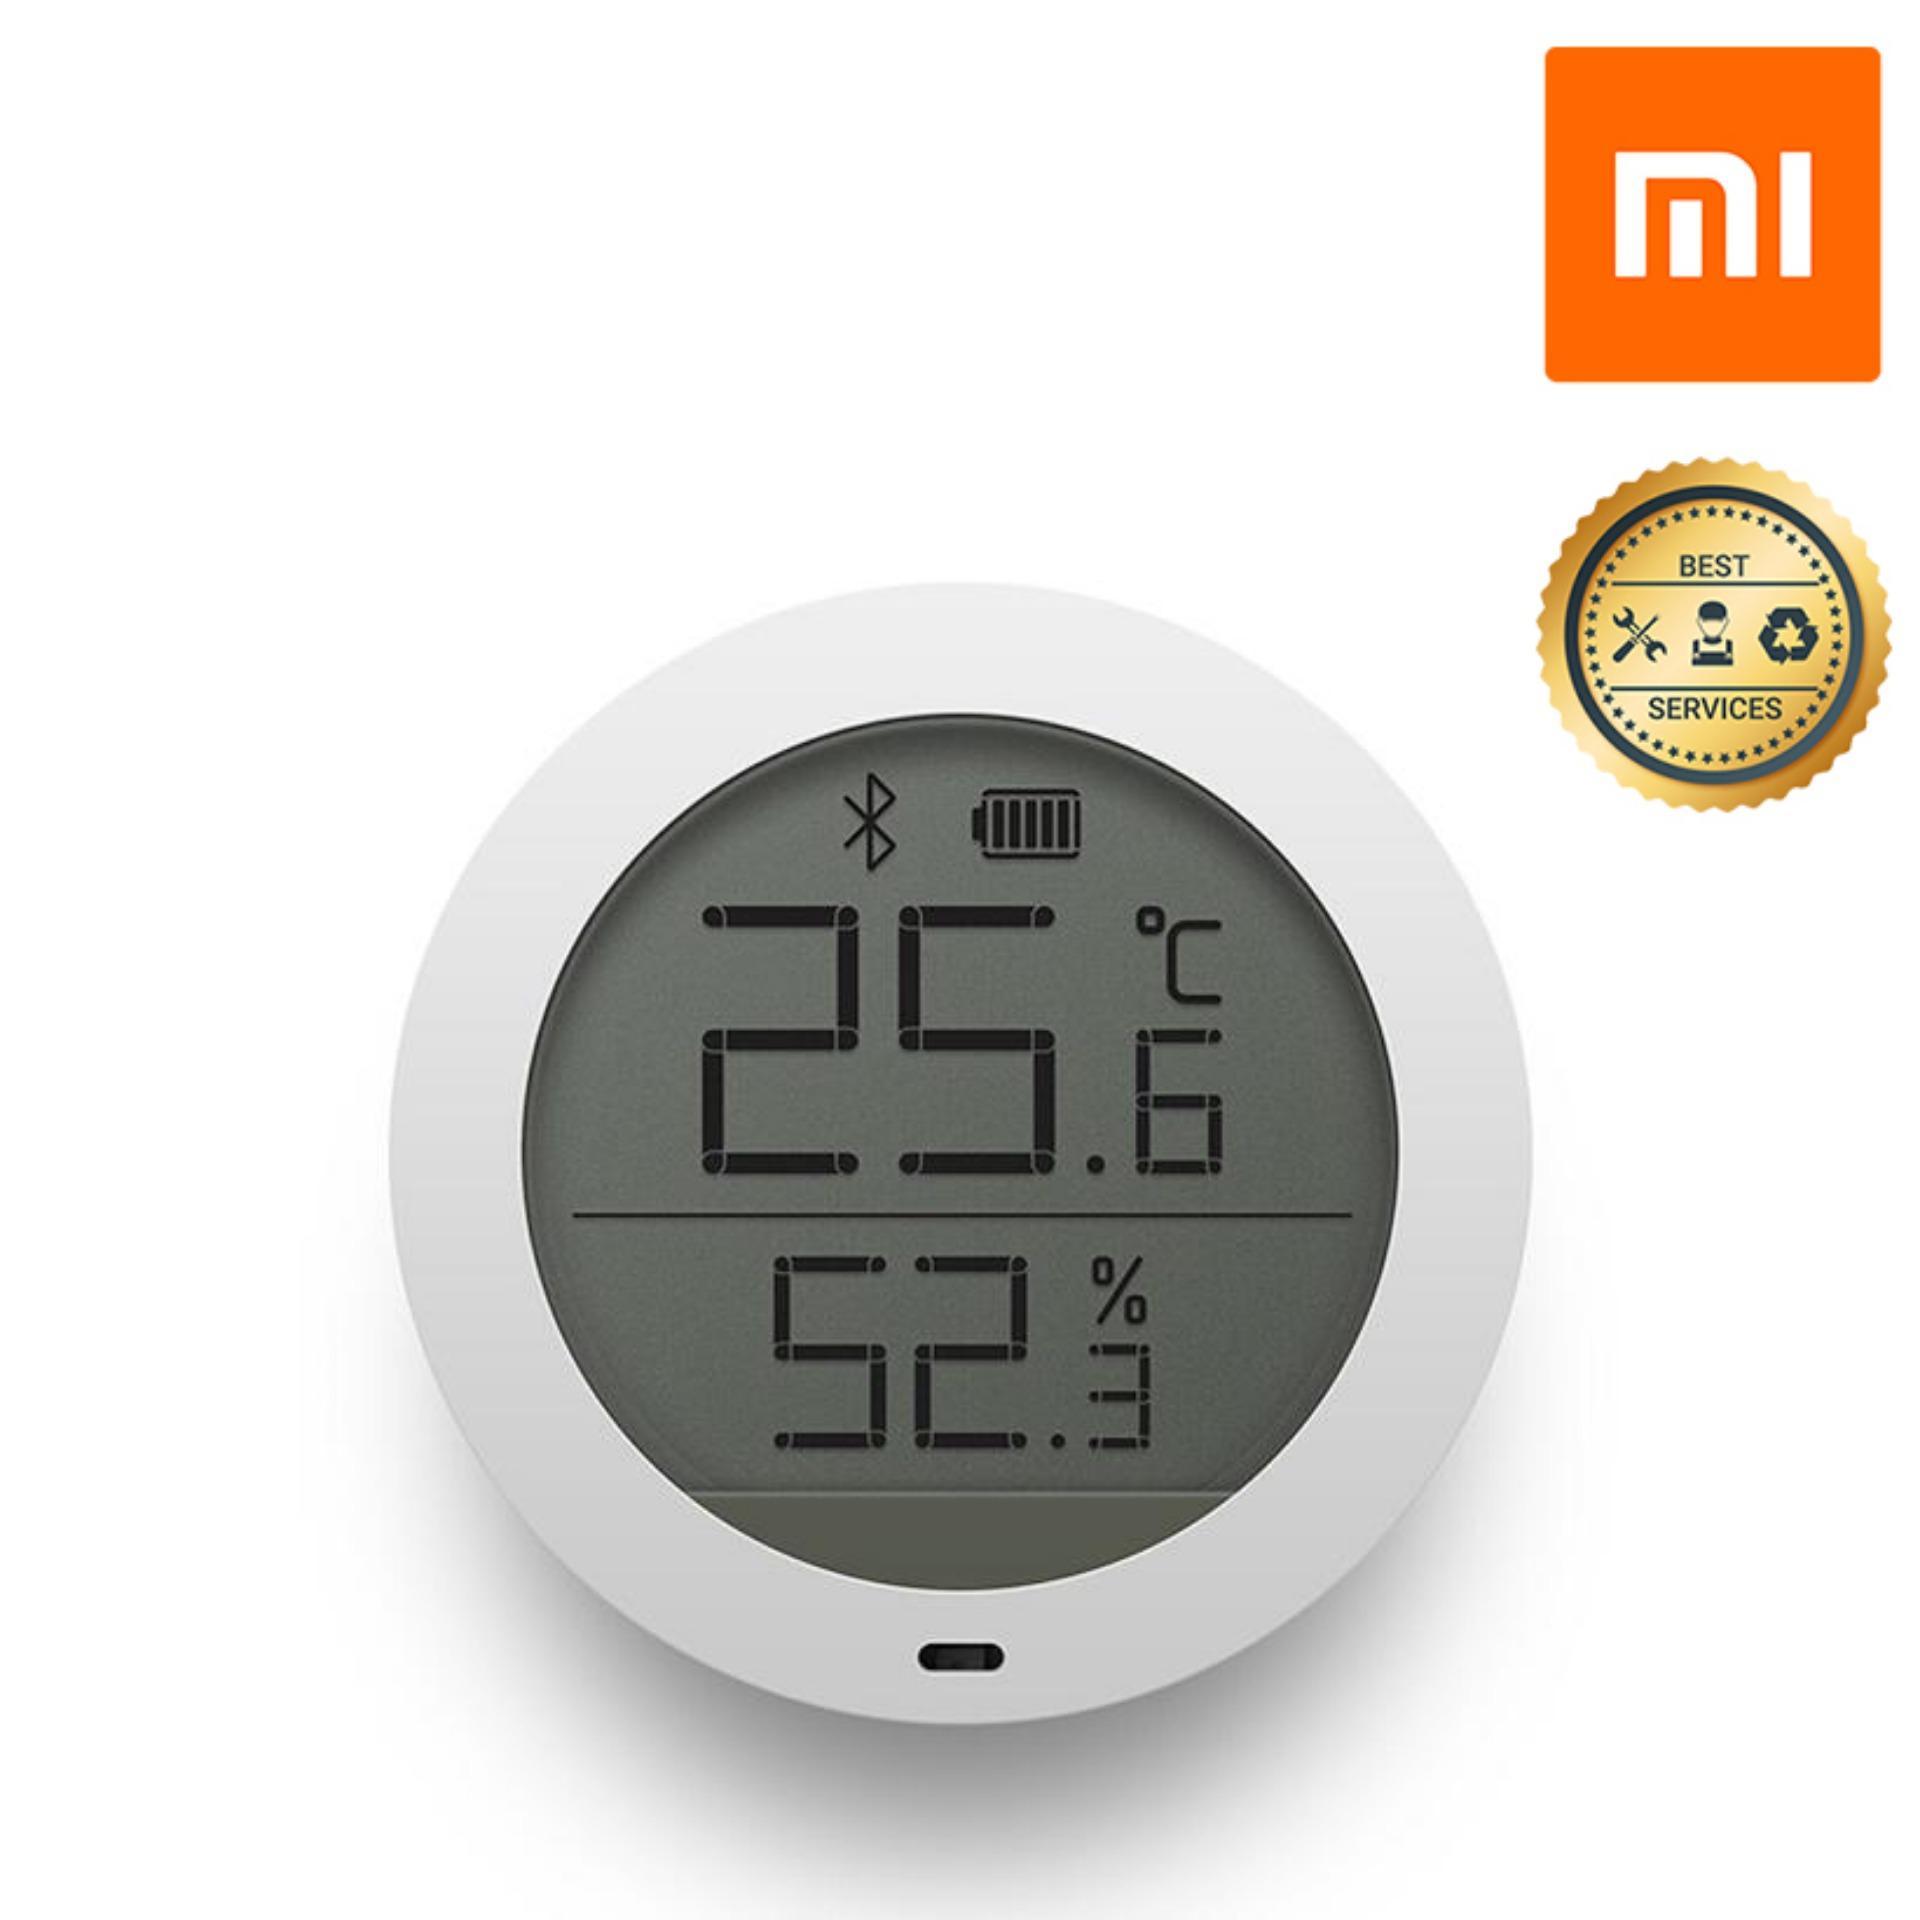 Thiết bị đo nhiệt độ và độ ẩm Xiaomi nhập khẩu